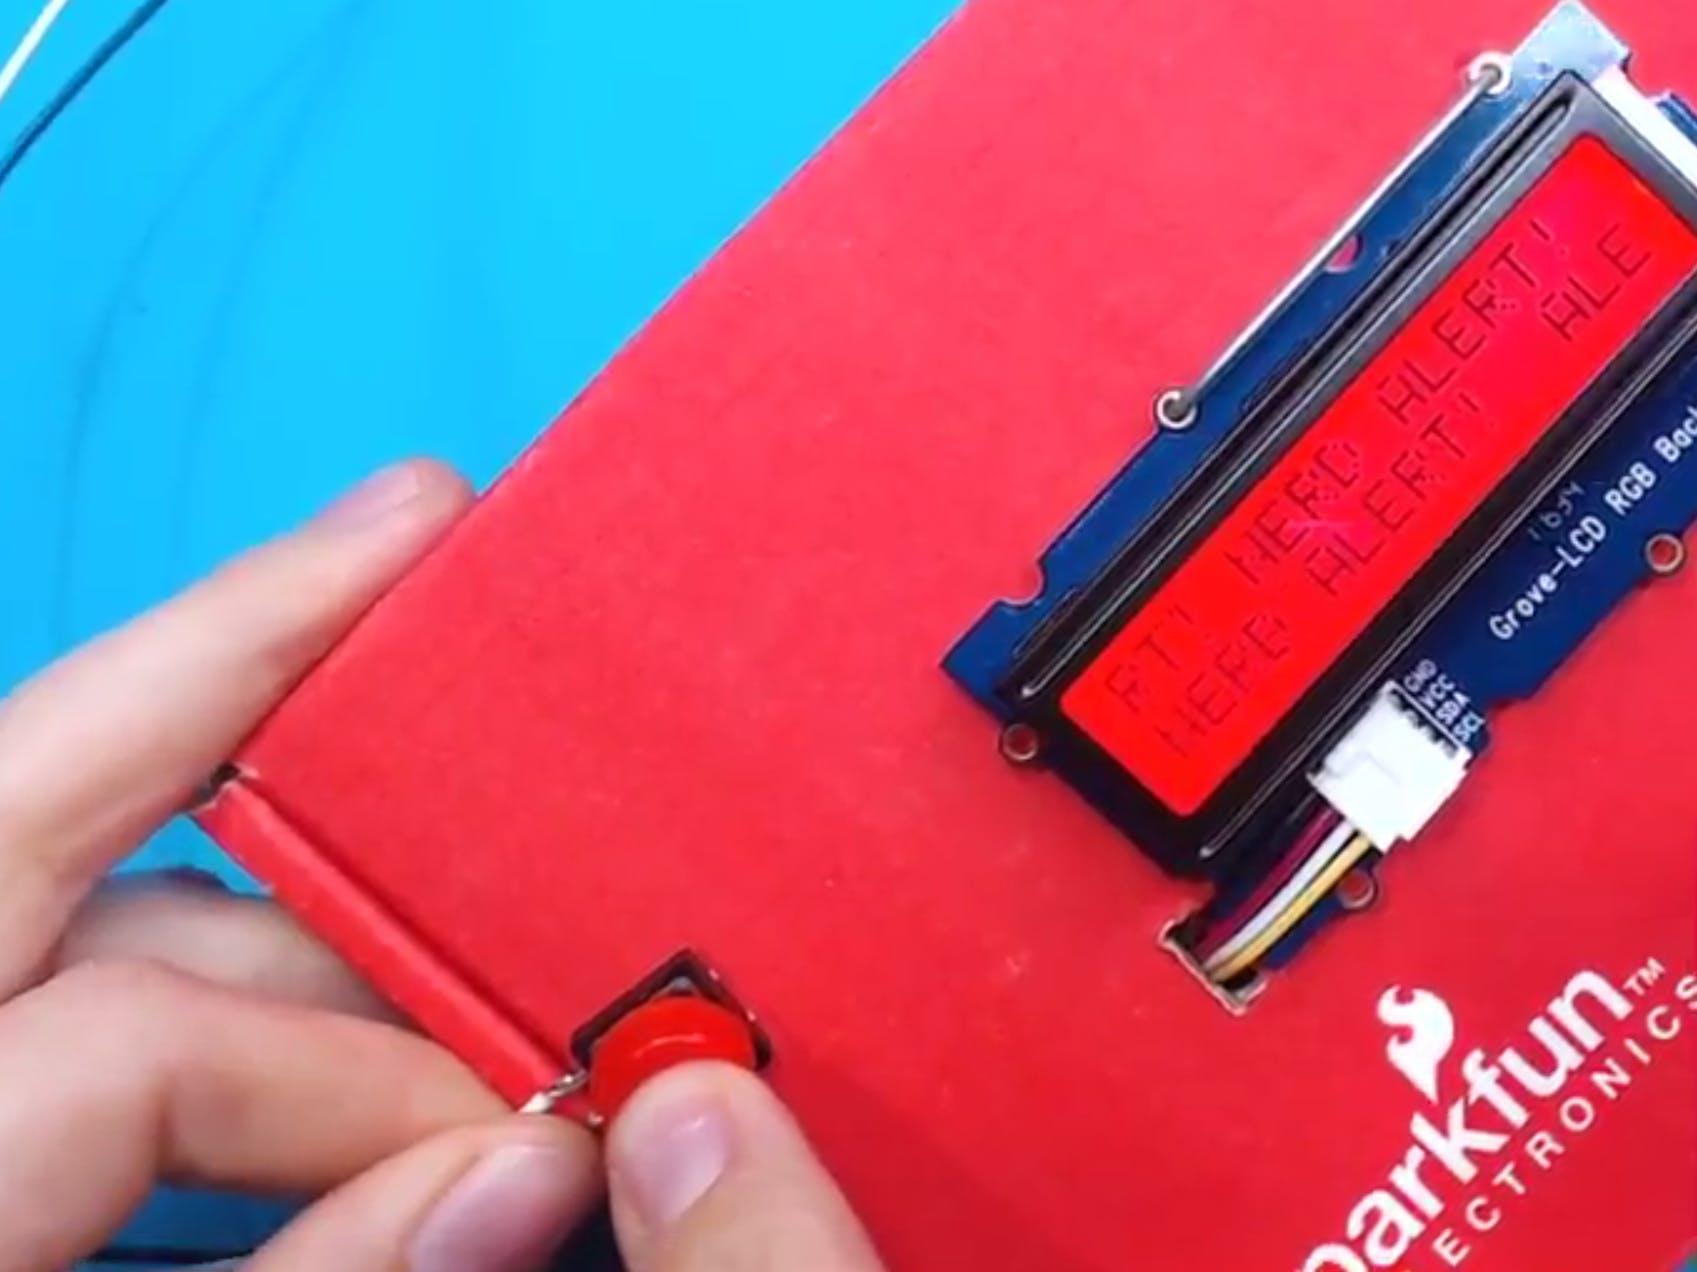 NERD ALERT! // Smart Doorbell with Arduino